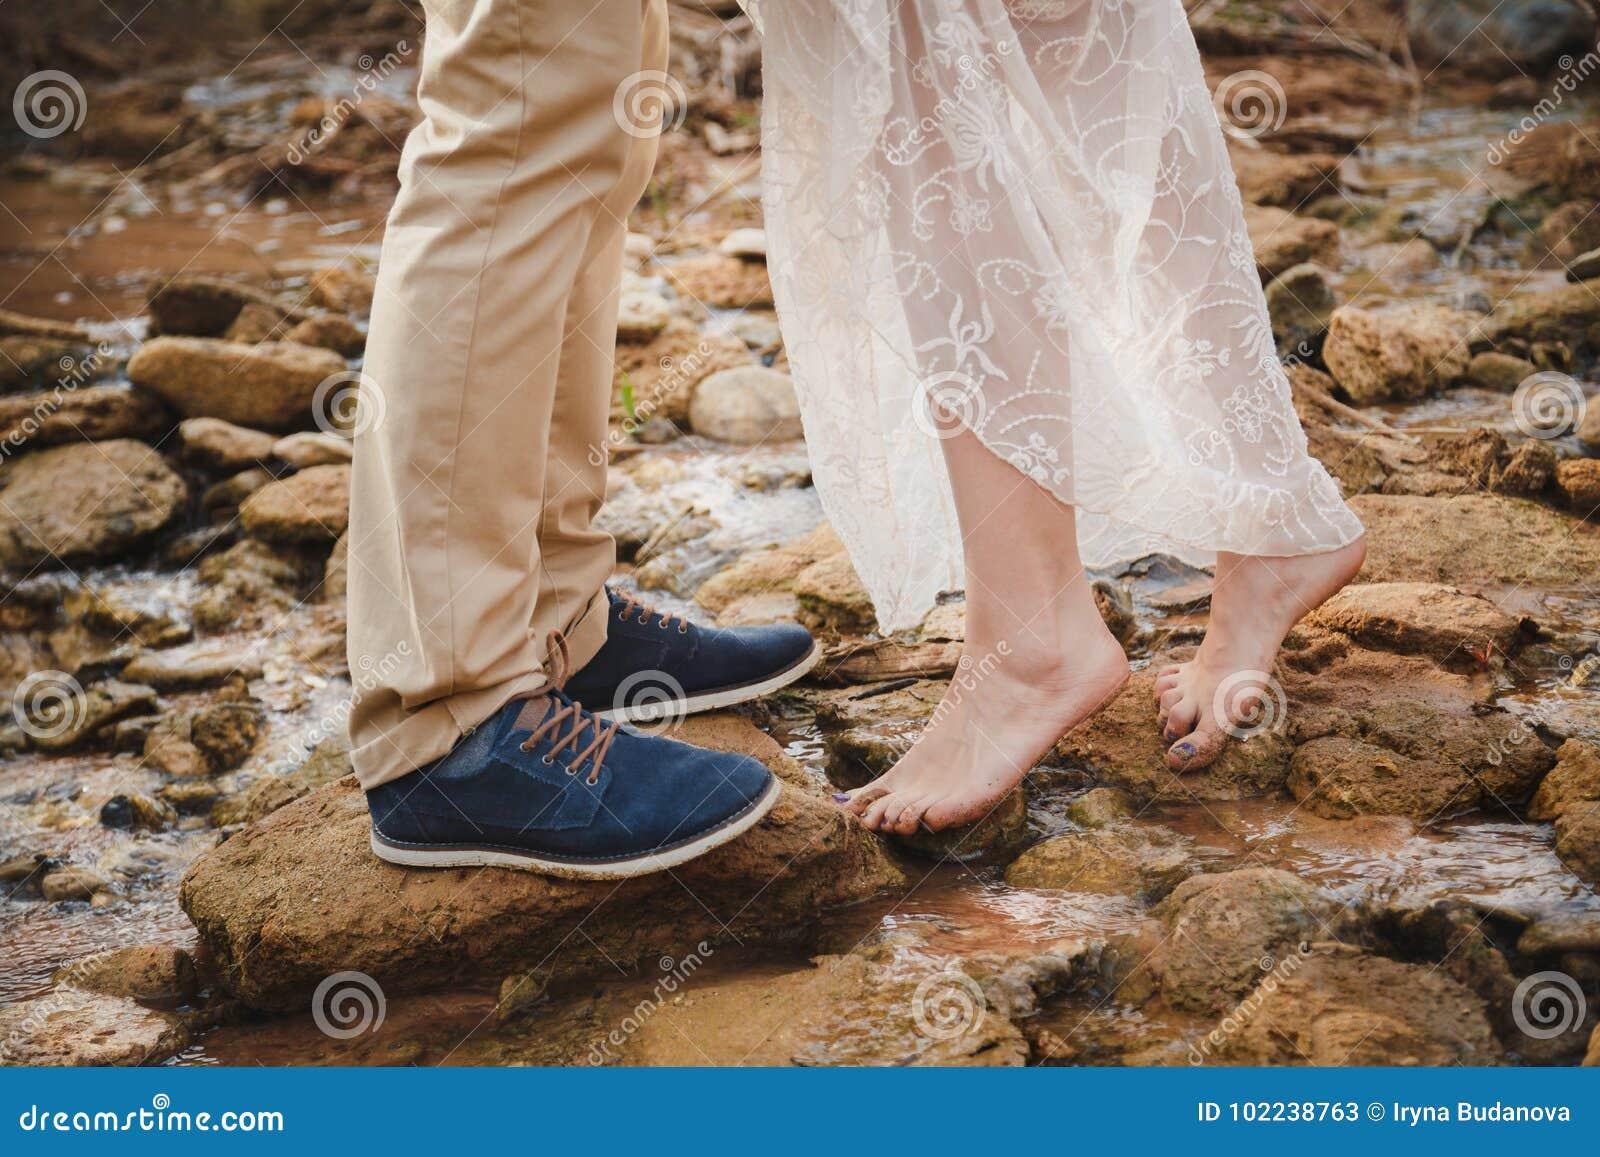 La cérémonie de mariage extérieure, se ferment de la jeune femme que les pieds se tenant nu-pieds sur des pierres devant homme de